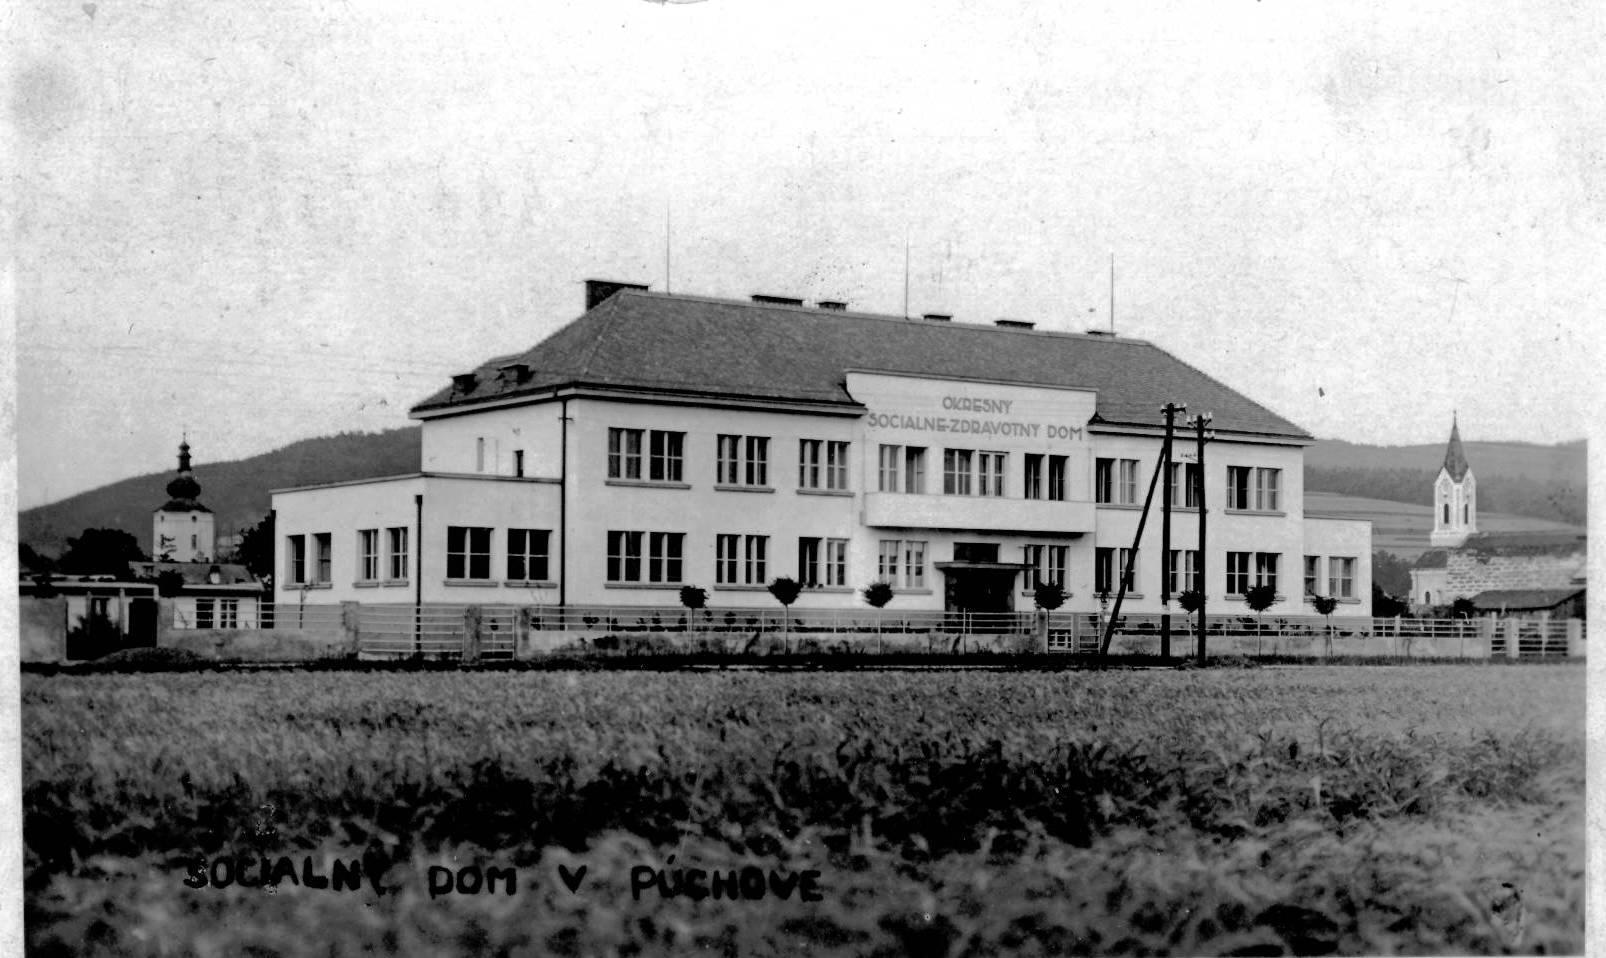 Sociálne-zdravotný dom (dnešný detský domov) v polovici 20. storočia - postavený v r. 1932